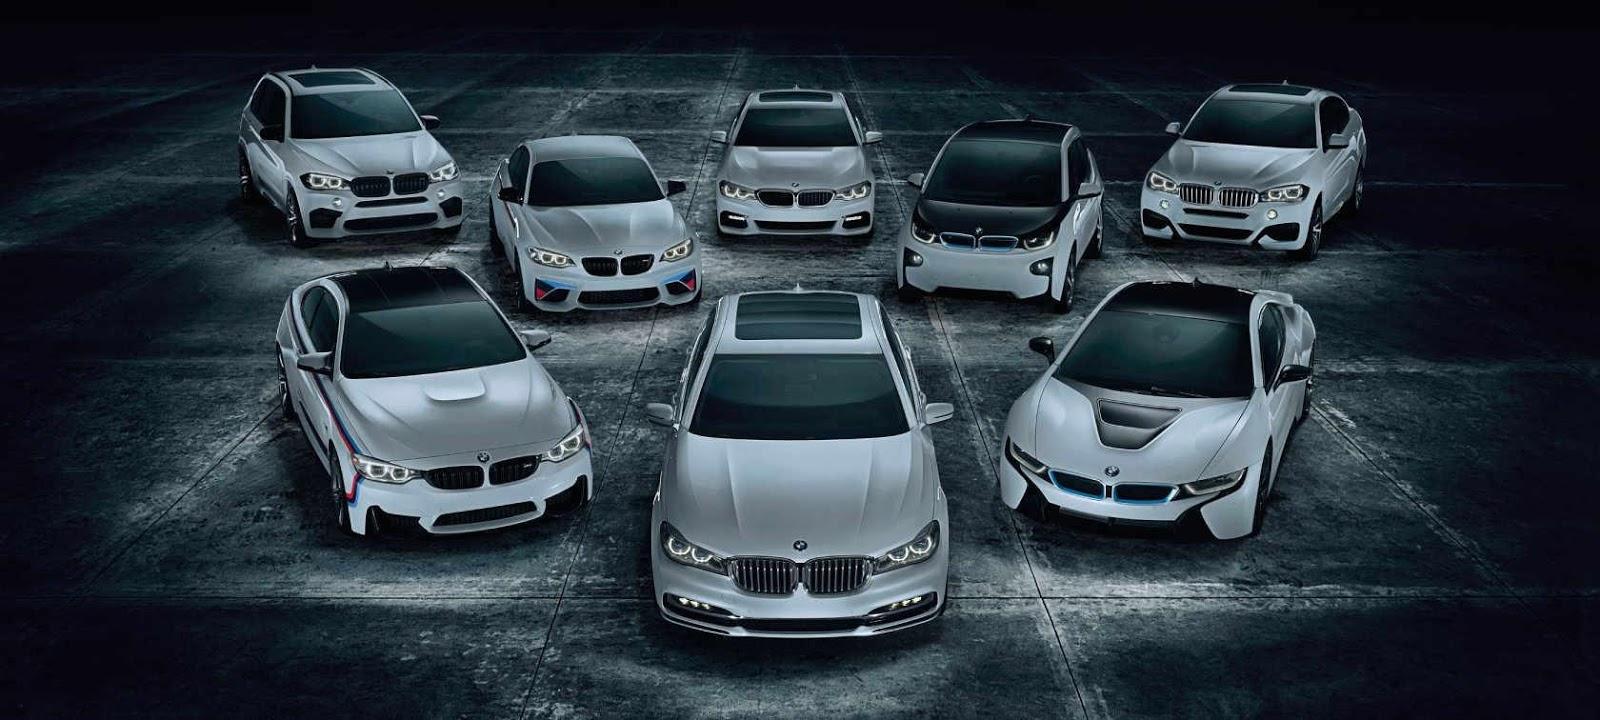 El nombre es elemento fundamental para el marketing de los vehículos